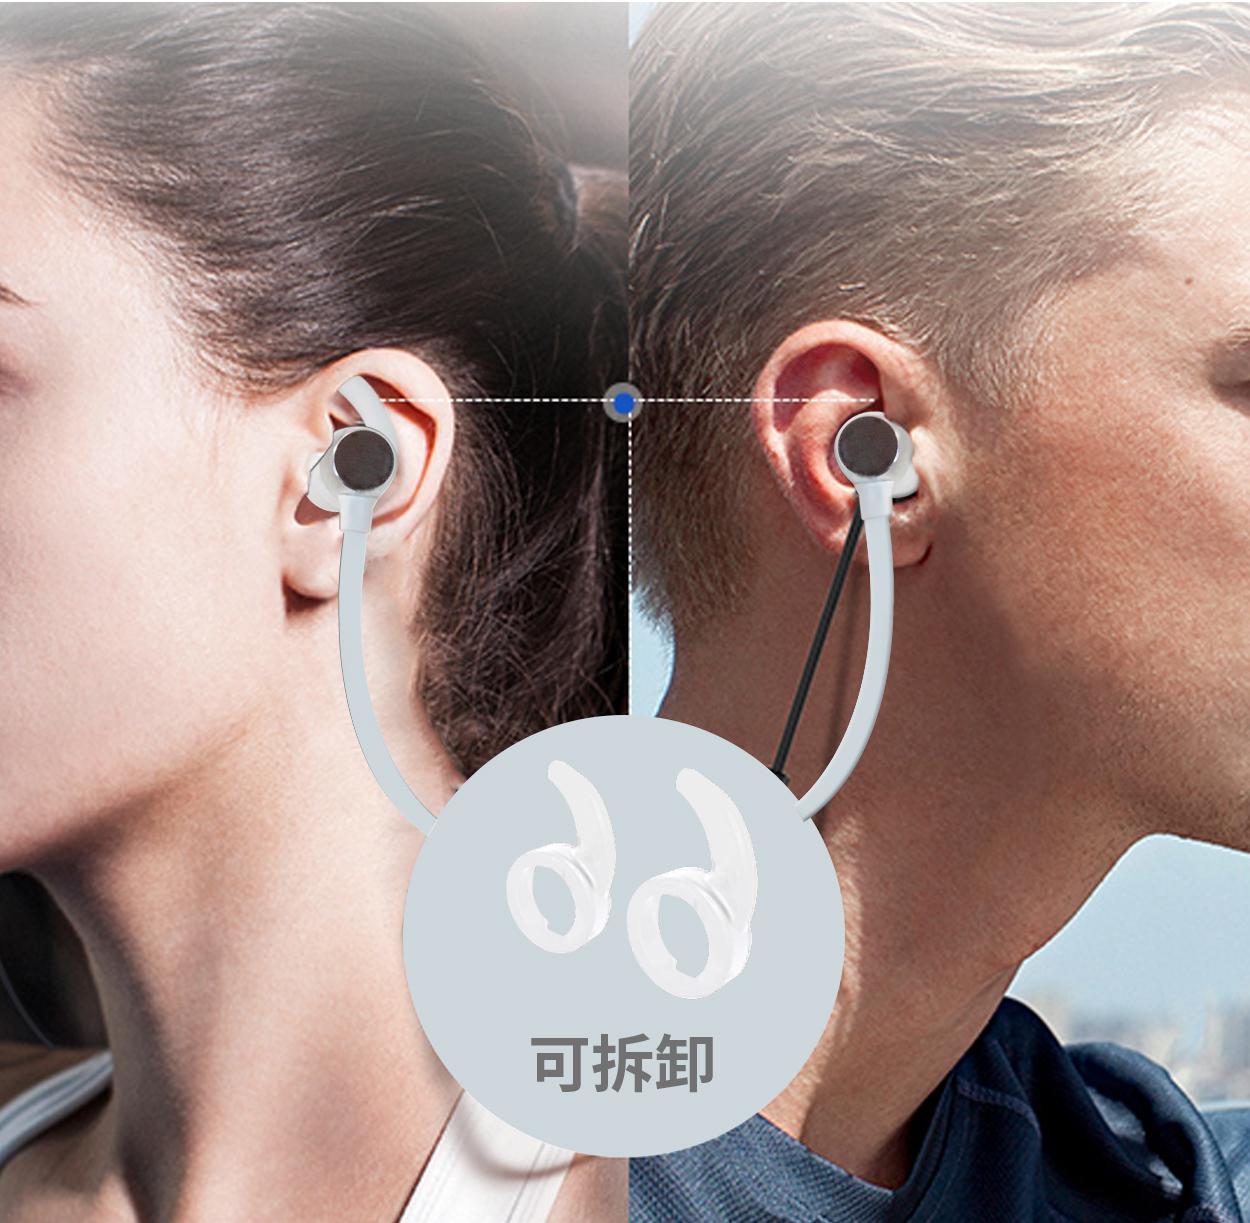 挂耳式蓝牙耳机